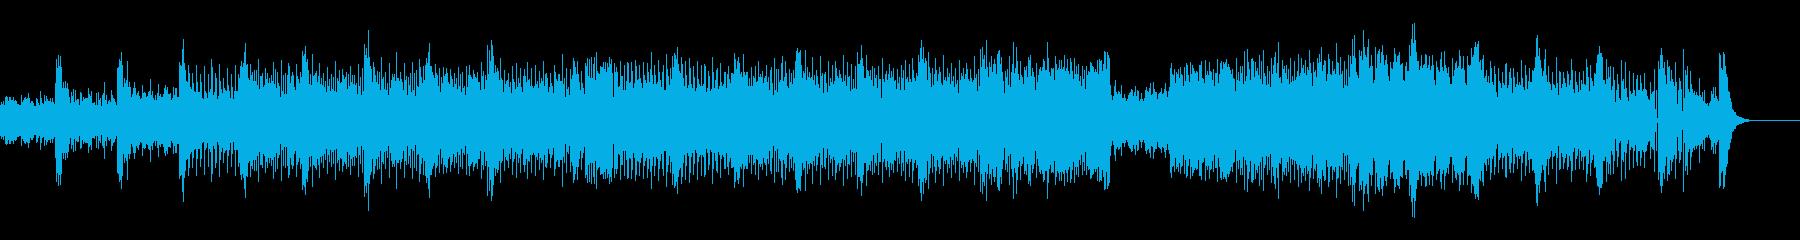 過激な音色構成のテクノ+トランスの再生済みの波形